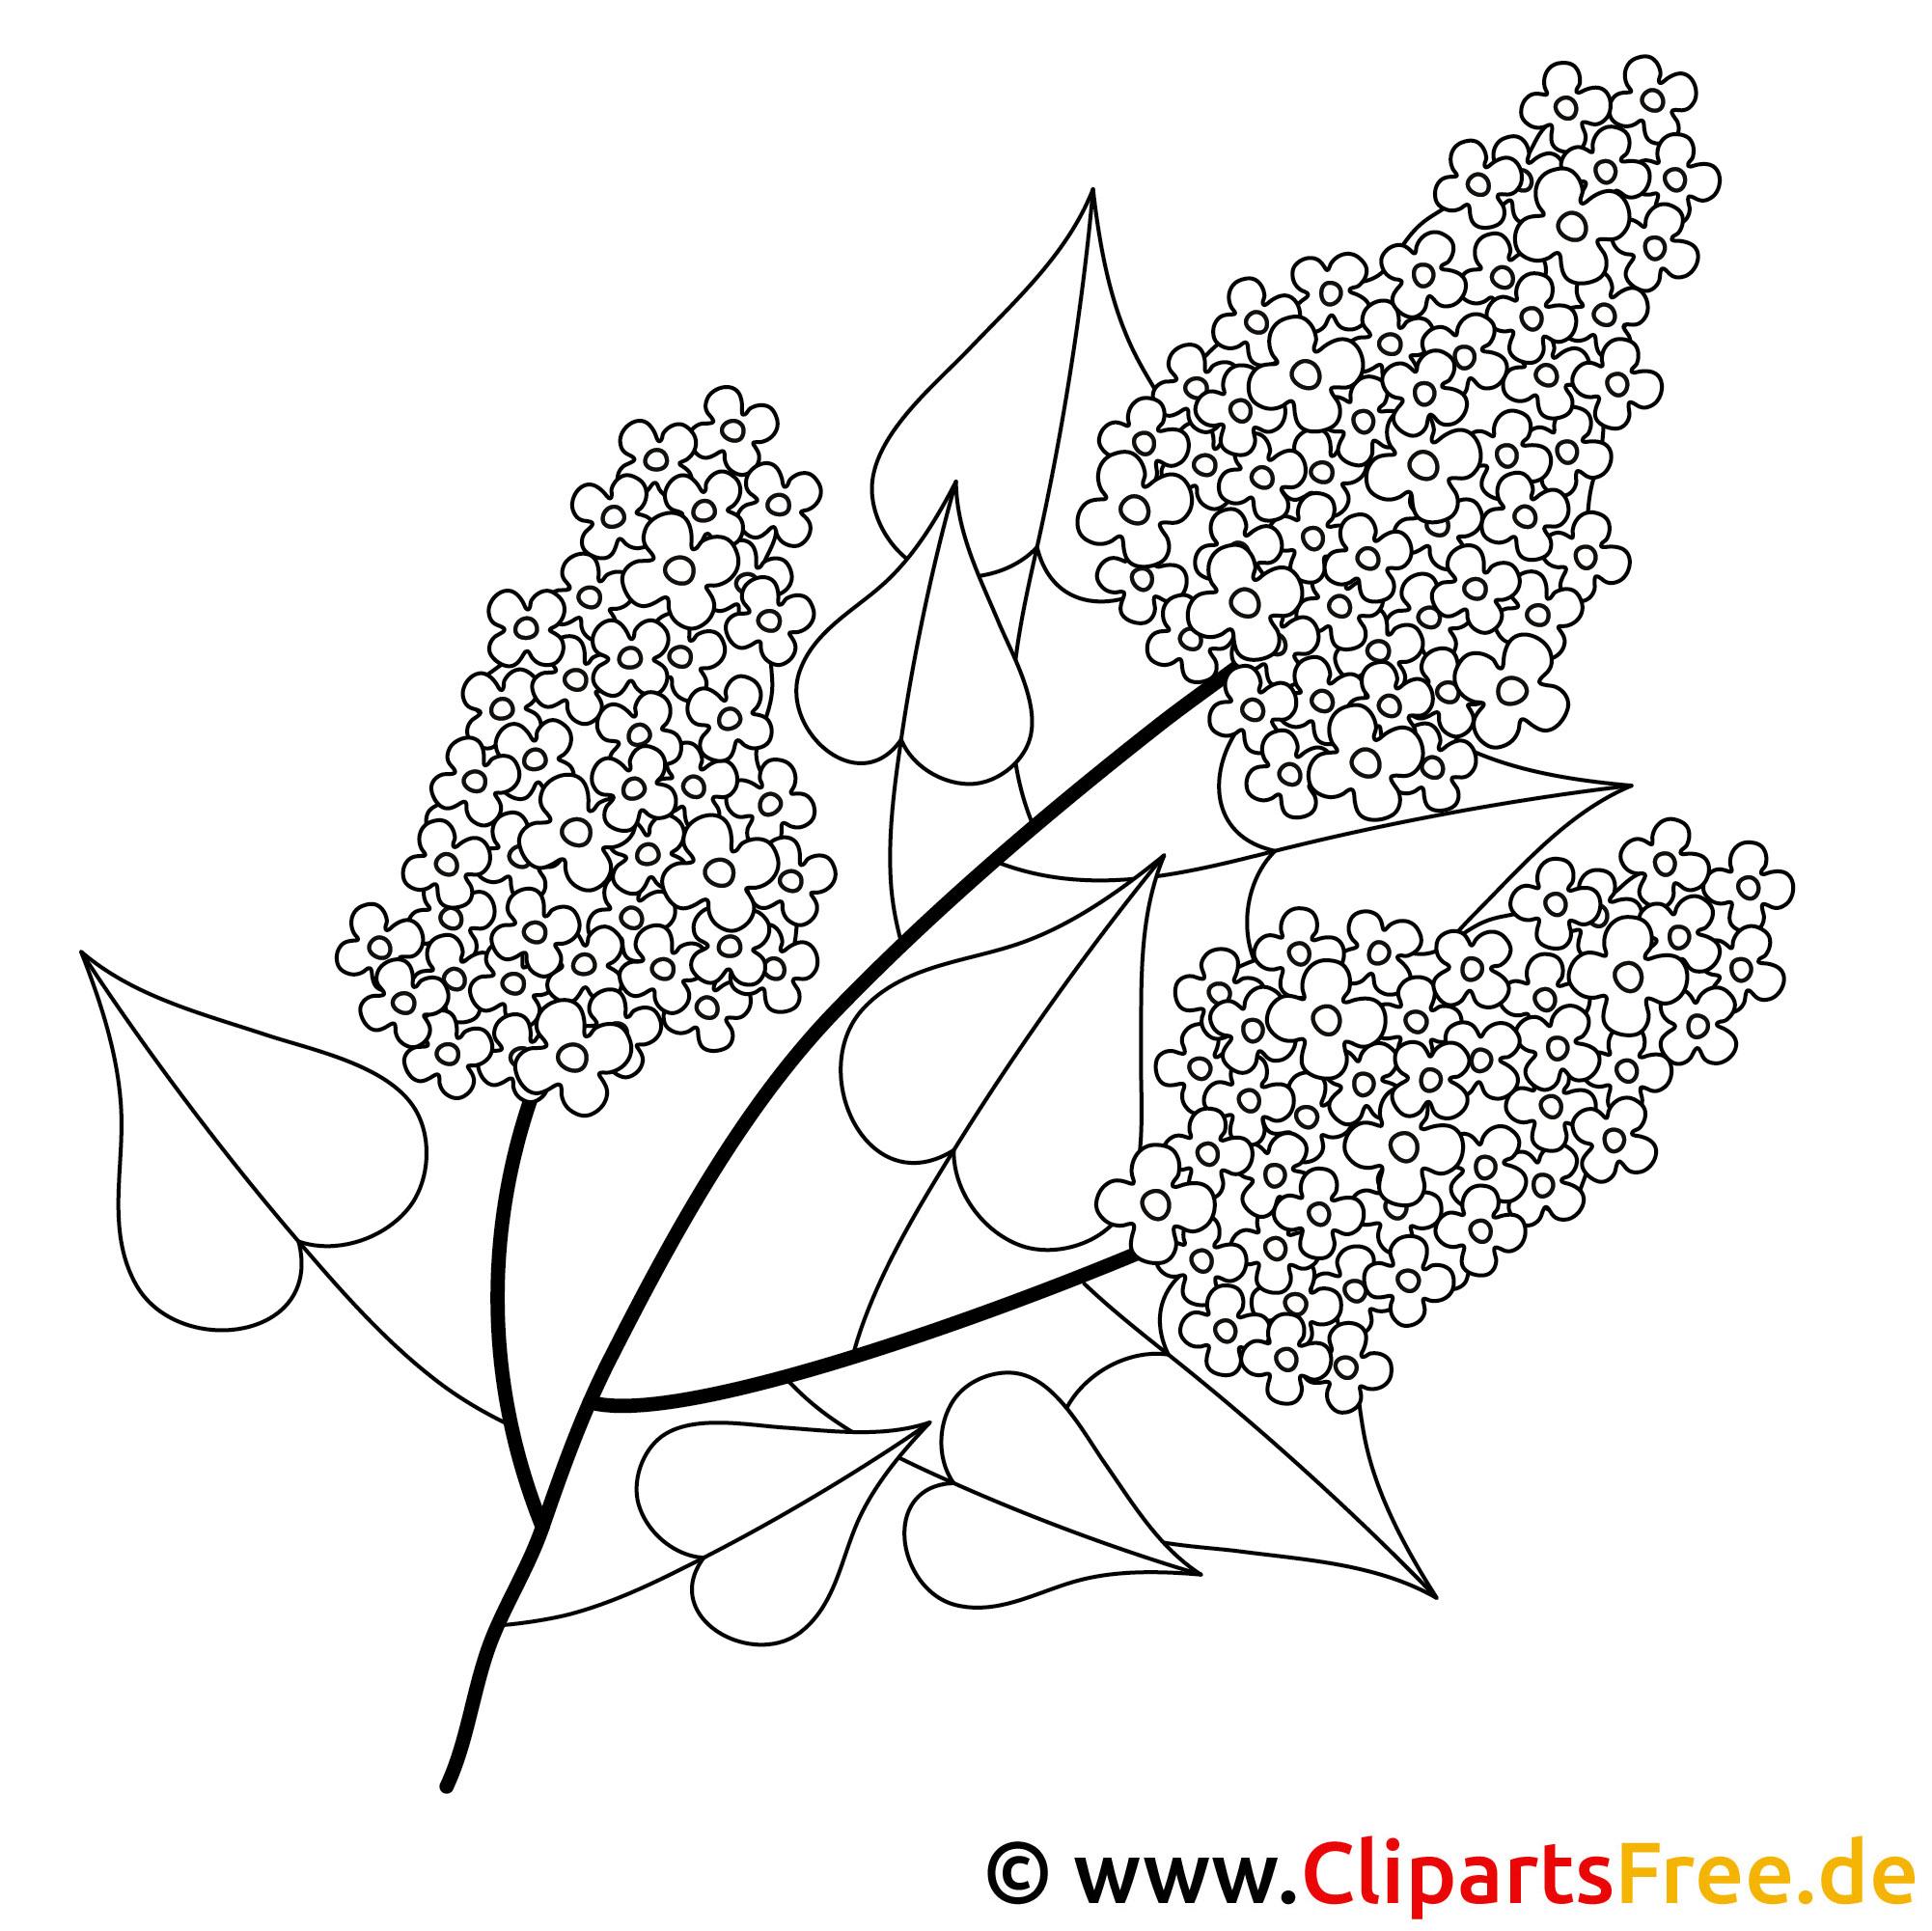 Fliederbusch Ausmalbild - Fruehling Ausmalbilder